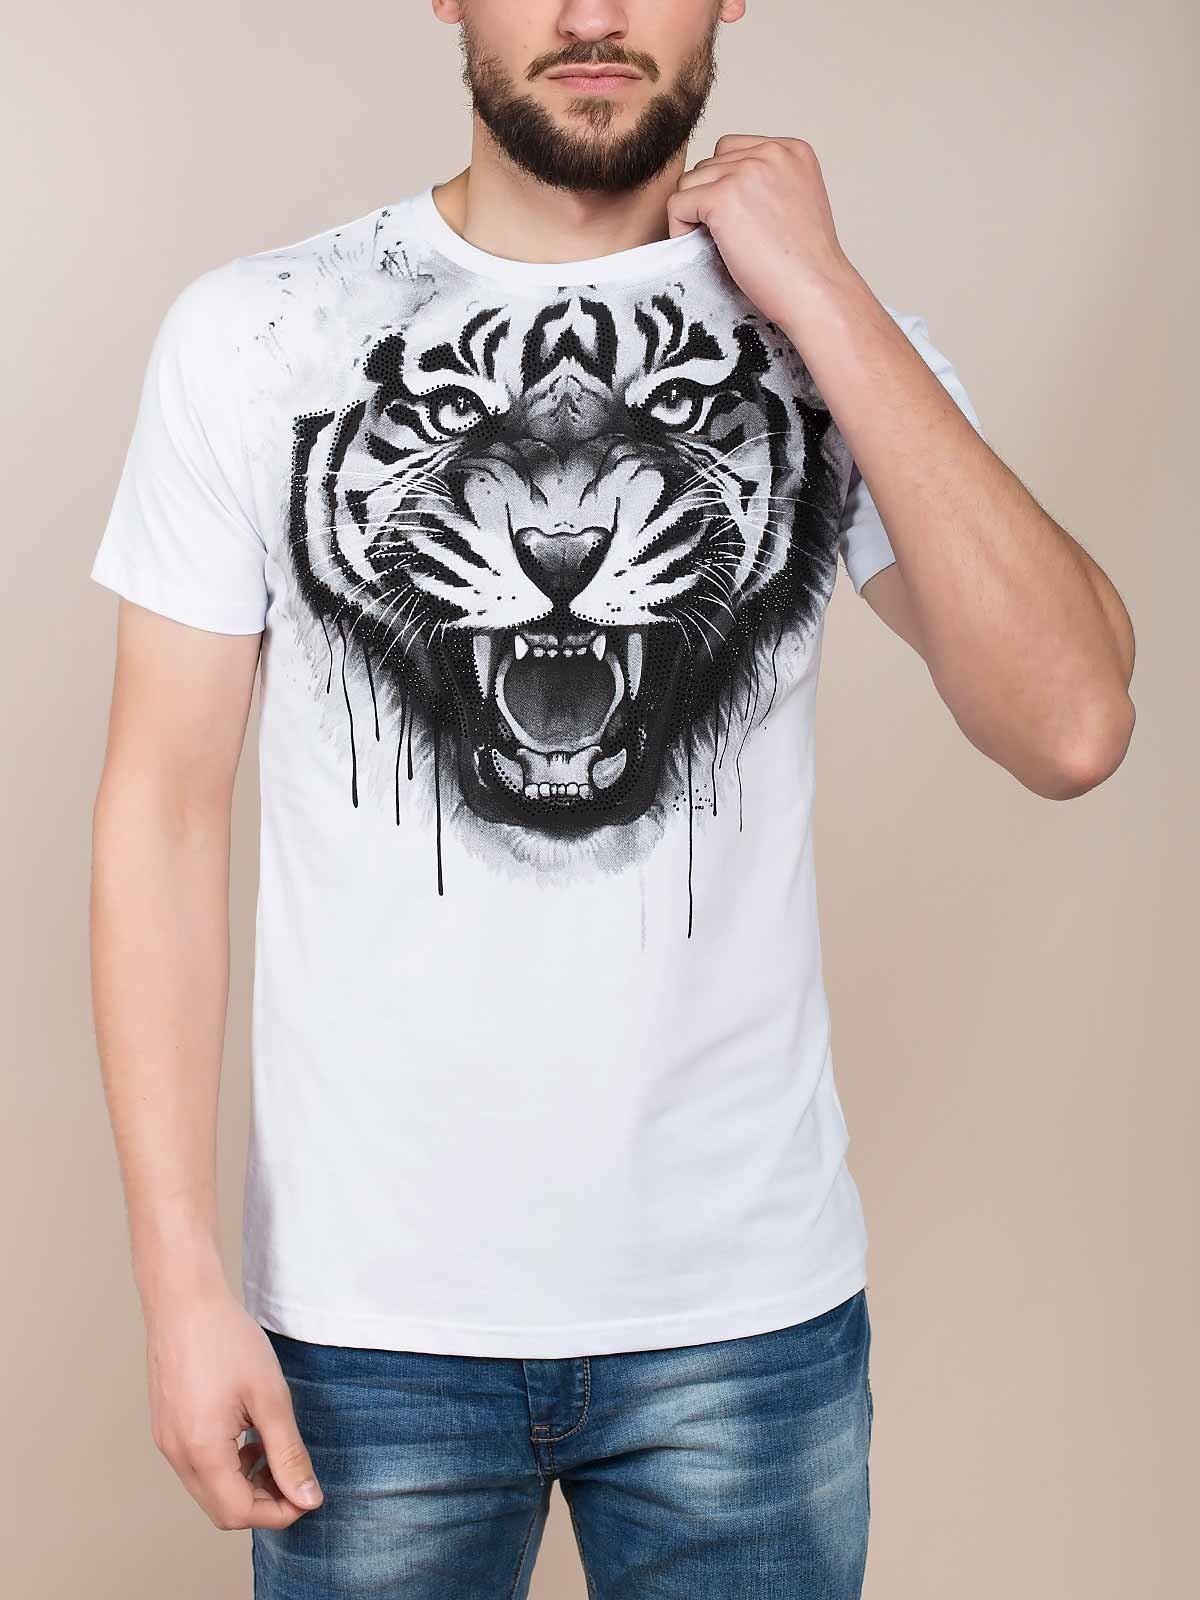 Camiseta estampado de tigre